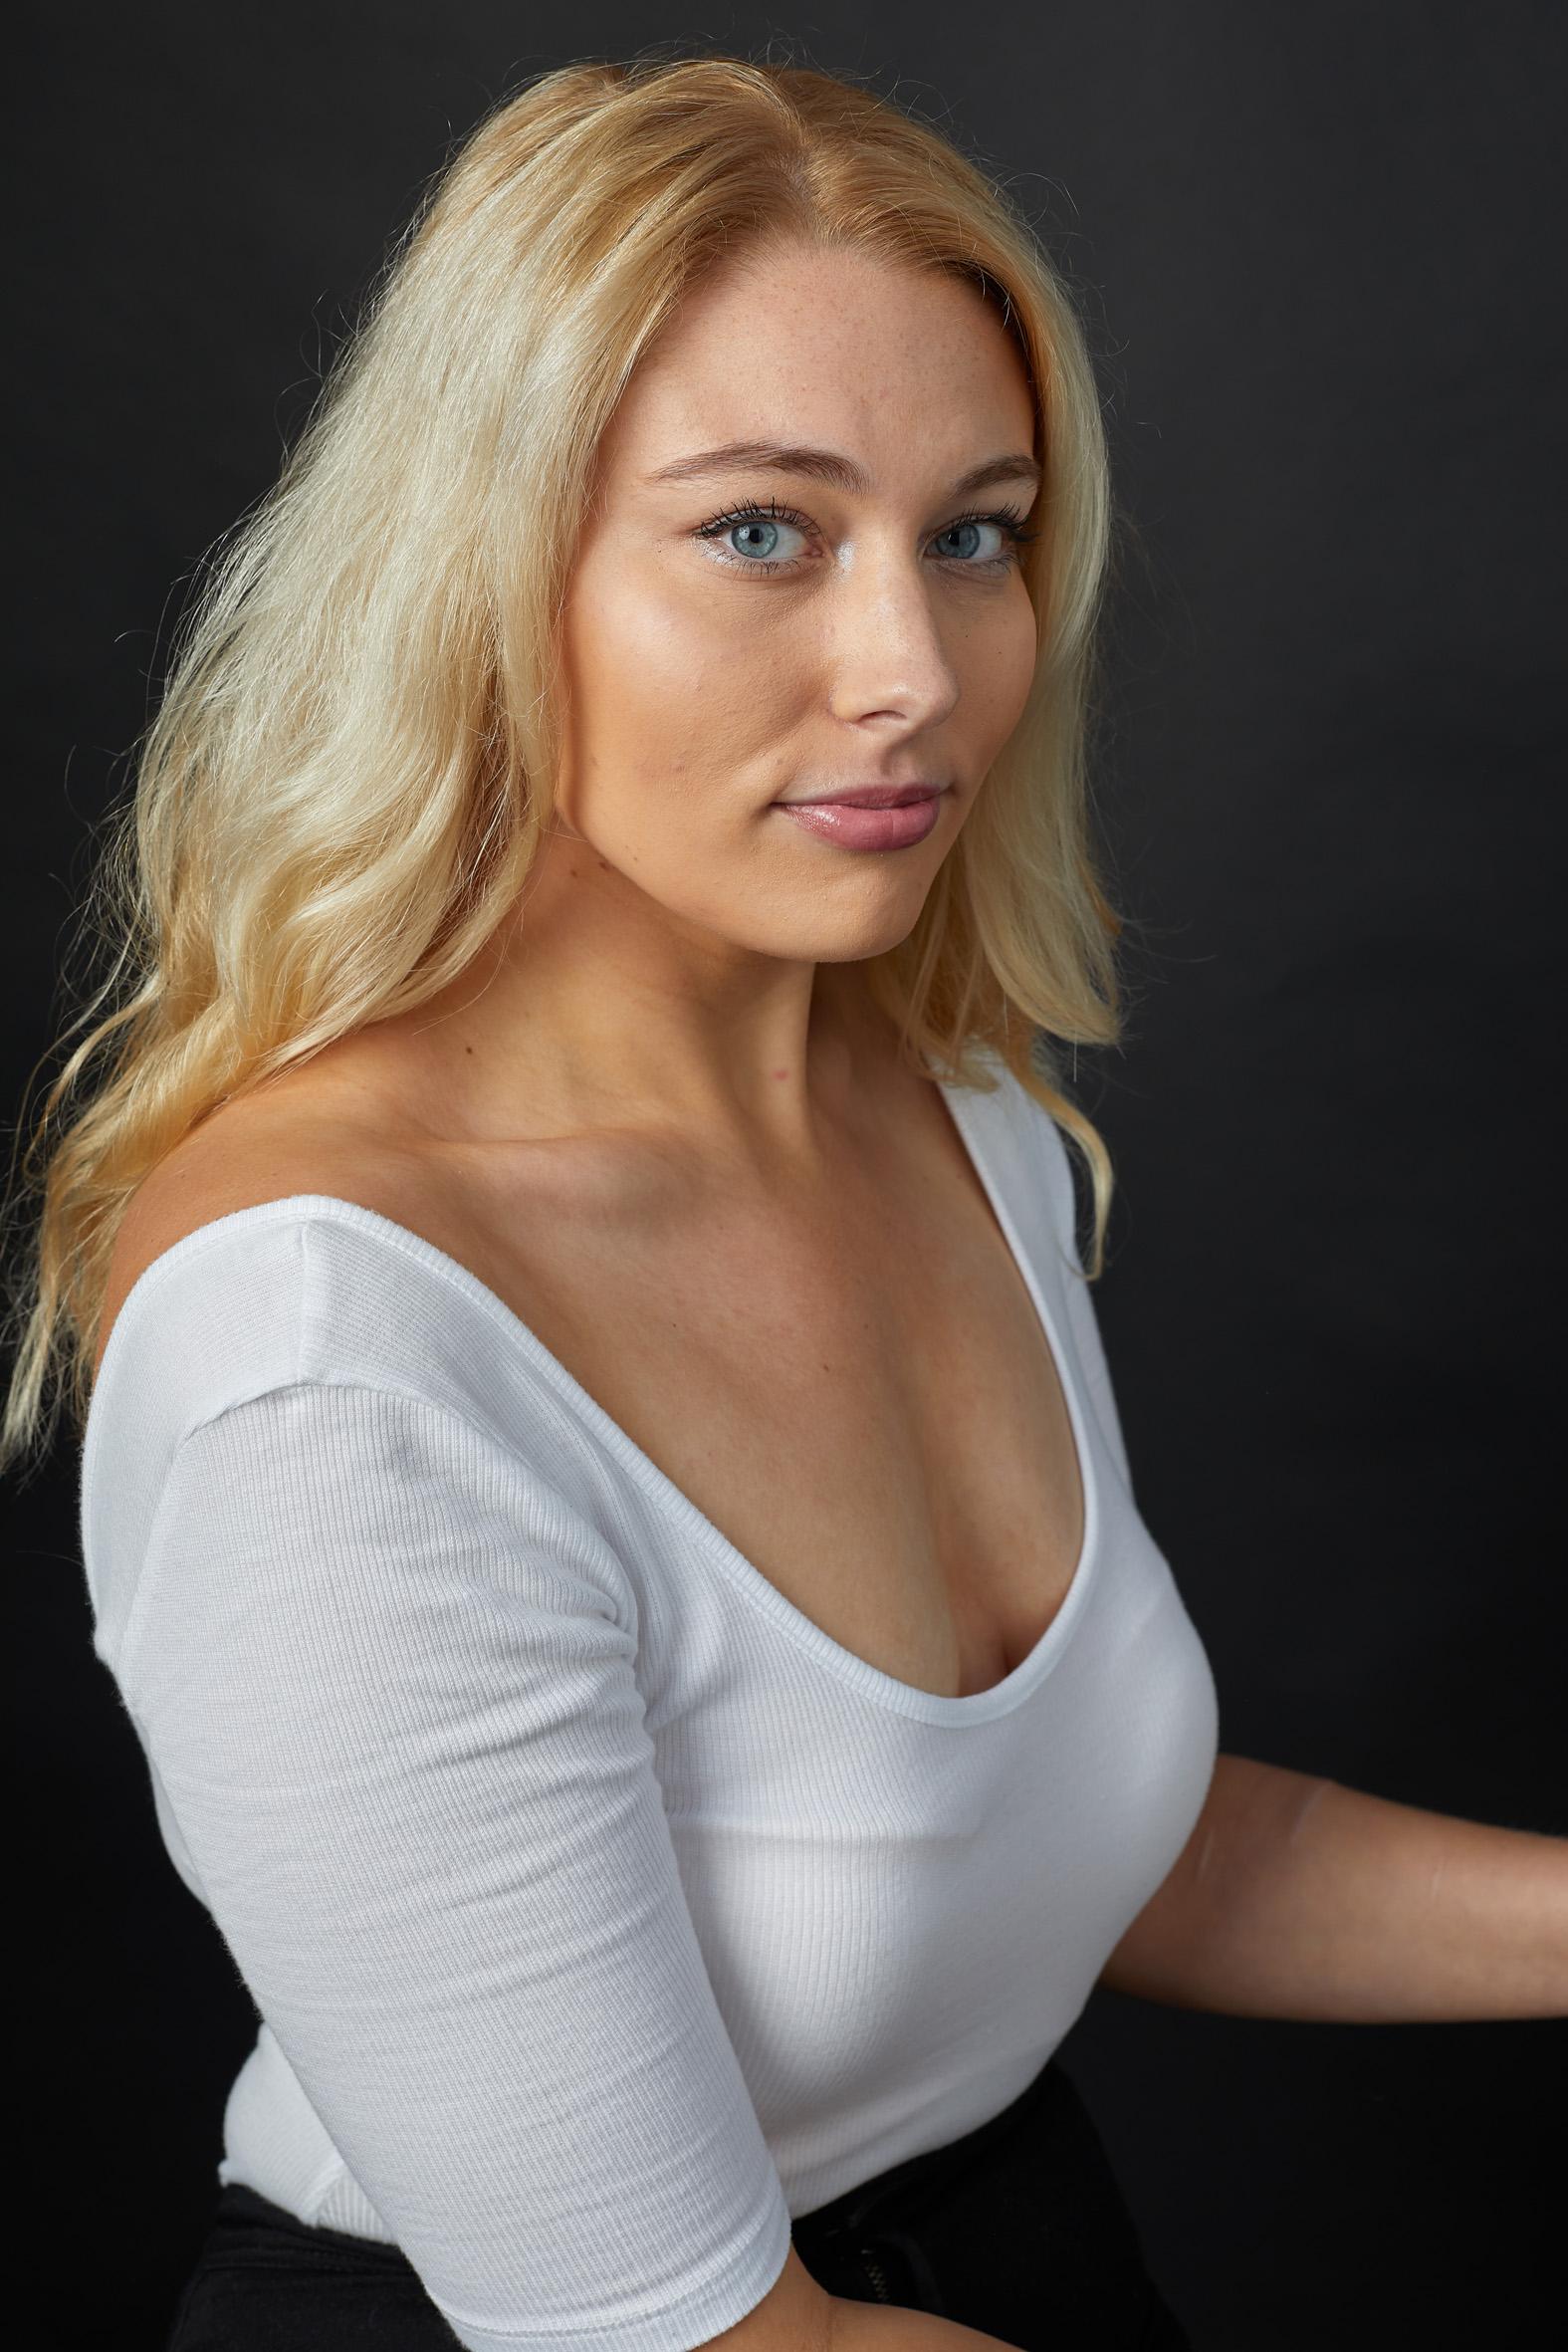 Johannah, Zebedee Management, disabled,